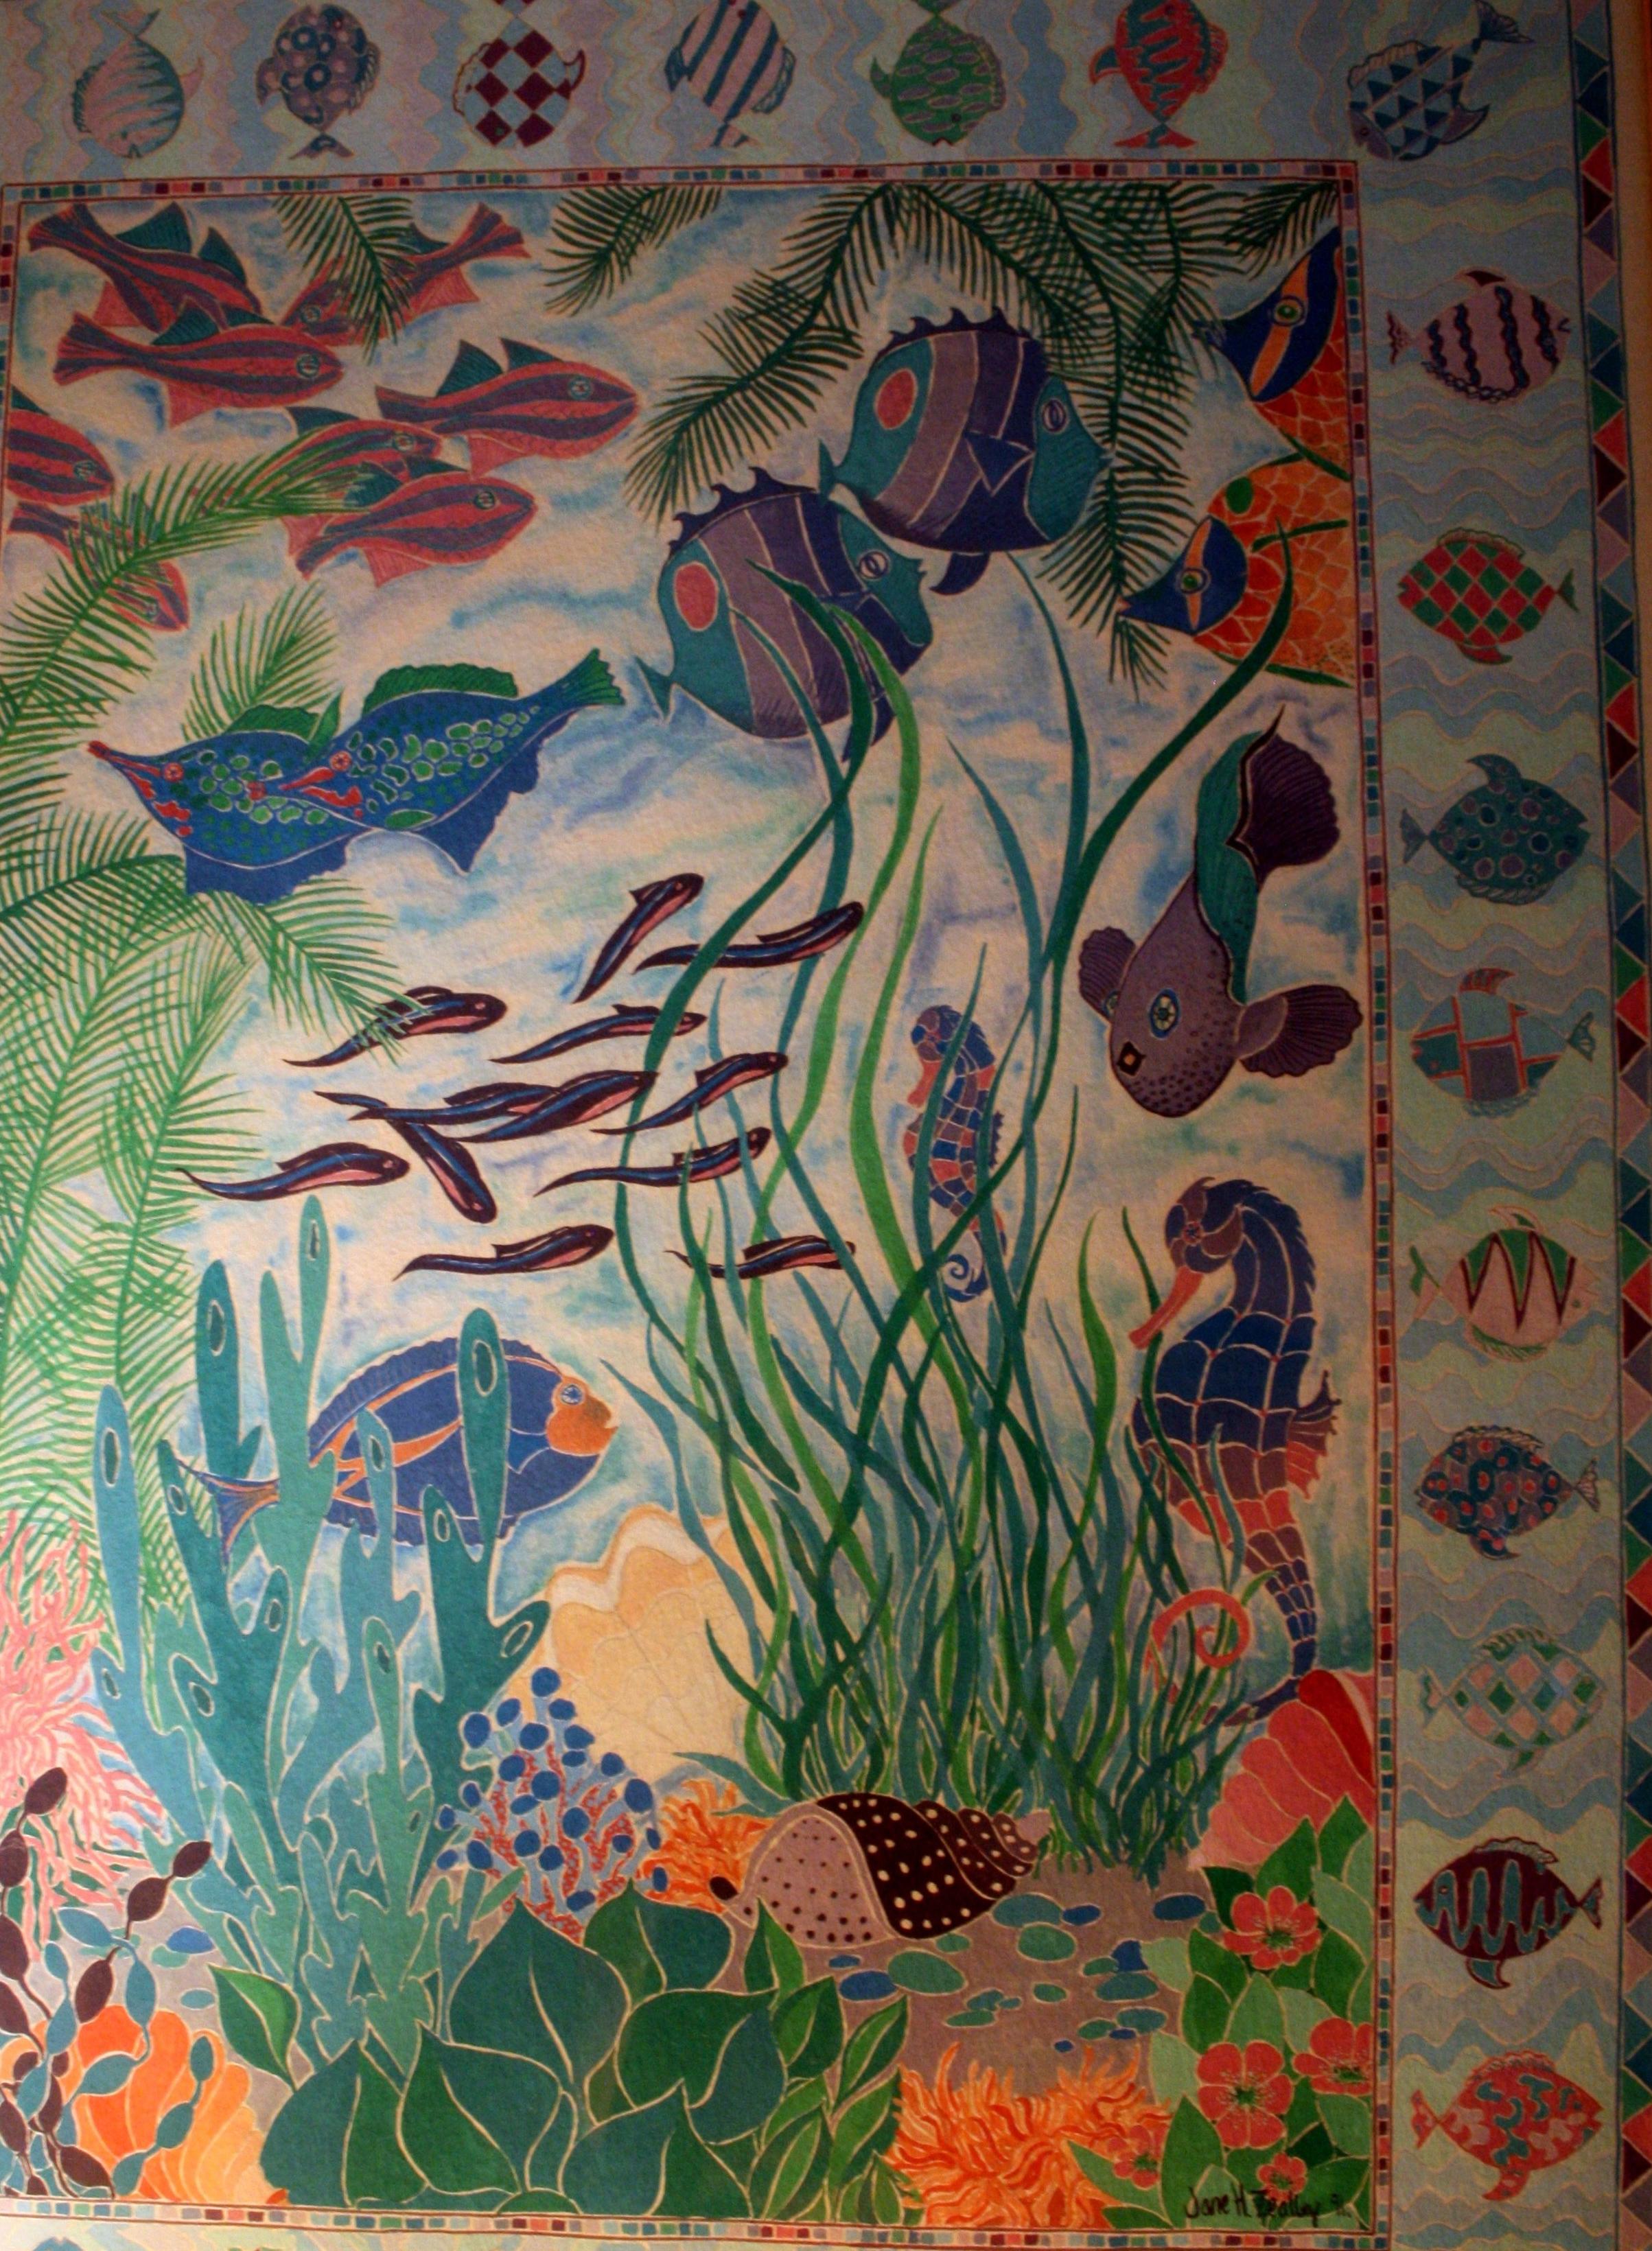 fish-painting-e1520358957720.jpg